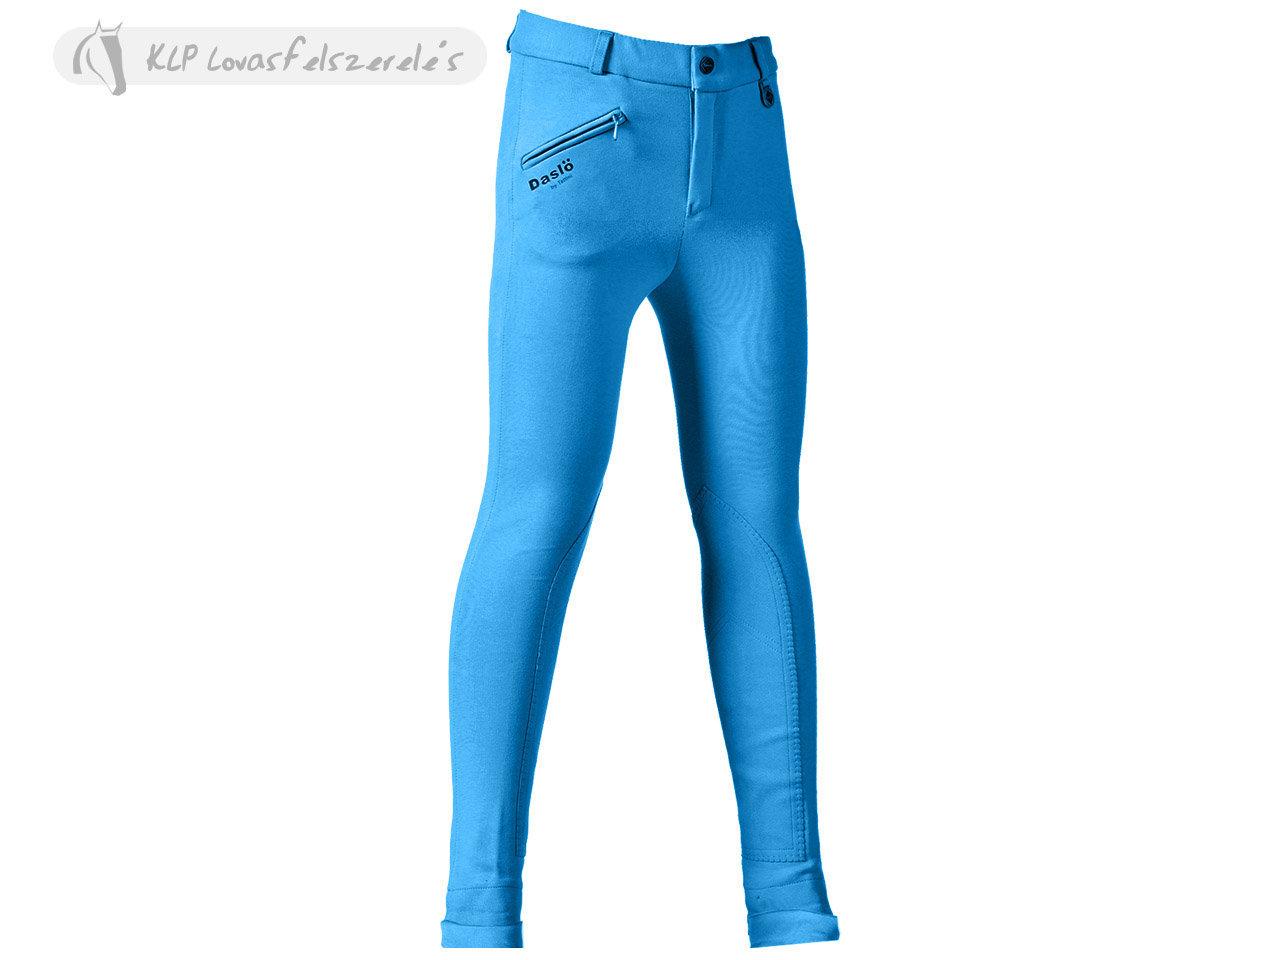 Daslö Children Jodhpurs Breeches With Suede Knee Patch